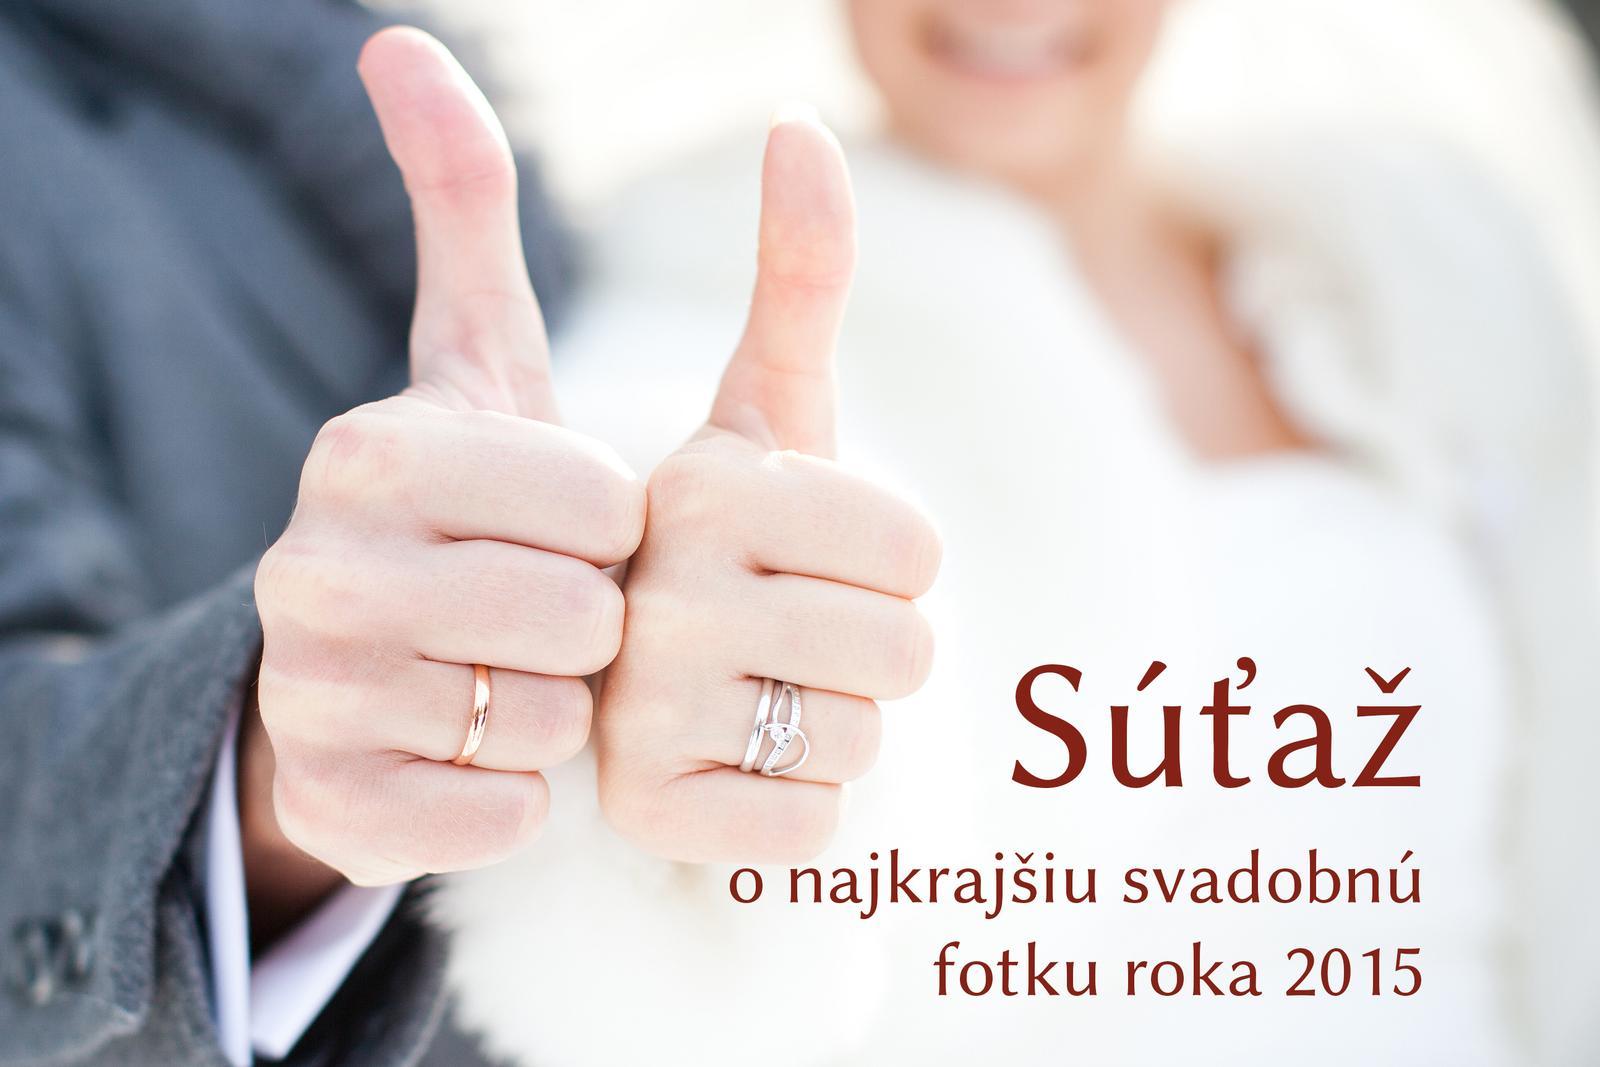 Spustili sme súťaž o najkrajšiu svadobnú fotografiu roka 2015 na mojasvadba.sk. Pridajte aj vy svoju fotku a vyhrajte :) viac o súťaži: https://www.mojasvadba.sk/forum/mojasvadba-sk/sutaz-hladame-najkrajsiu-svadobnu-fotku-roka-2015-na-mojasvadba-sk/ Tešíme sa na vaše fotky :) - Obrázok č. 1